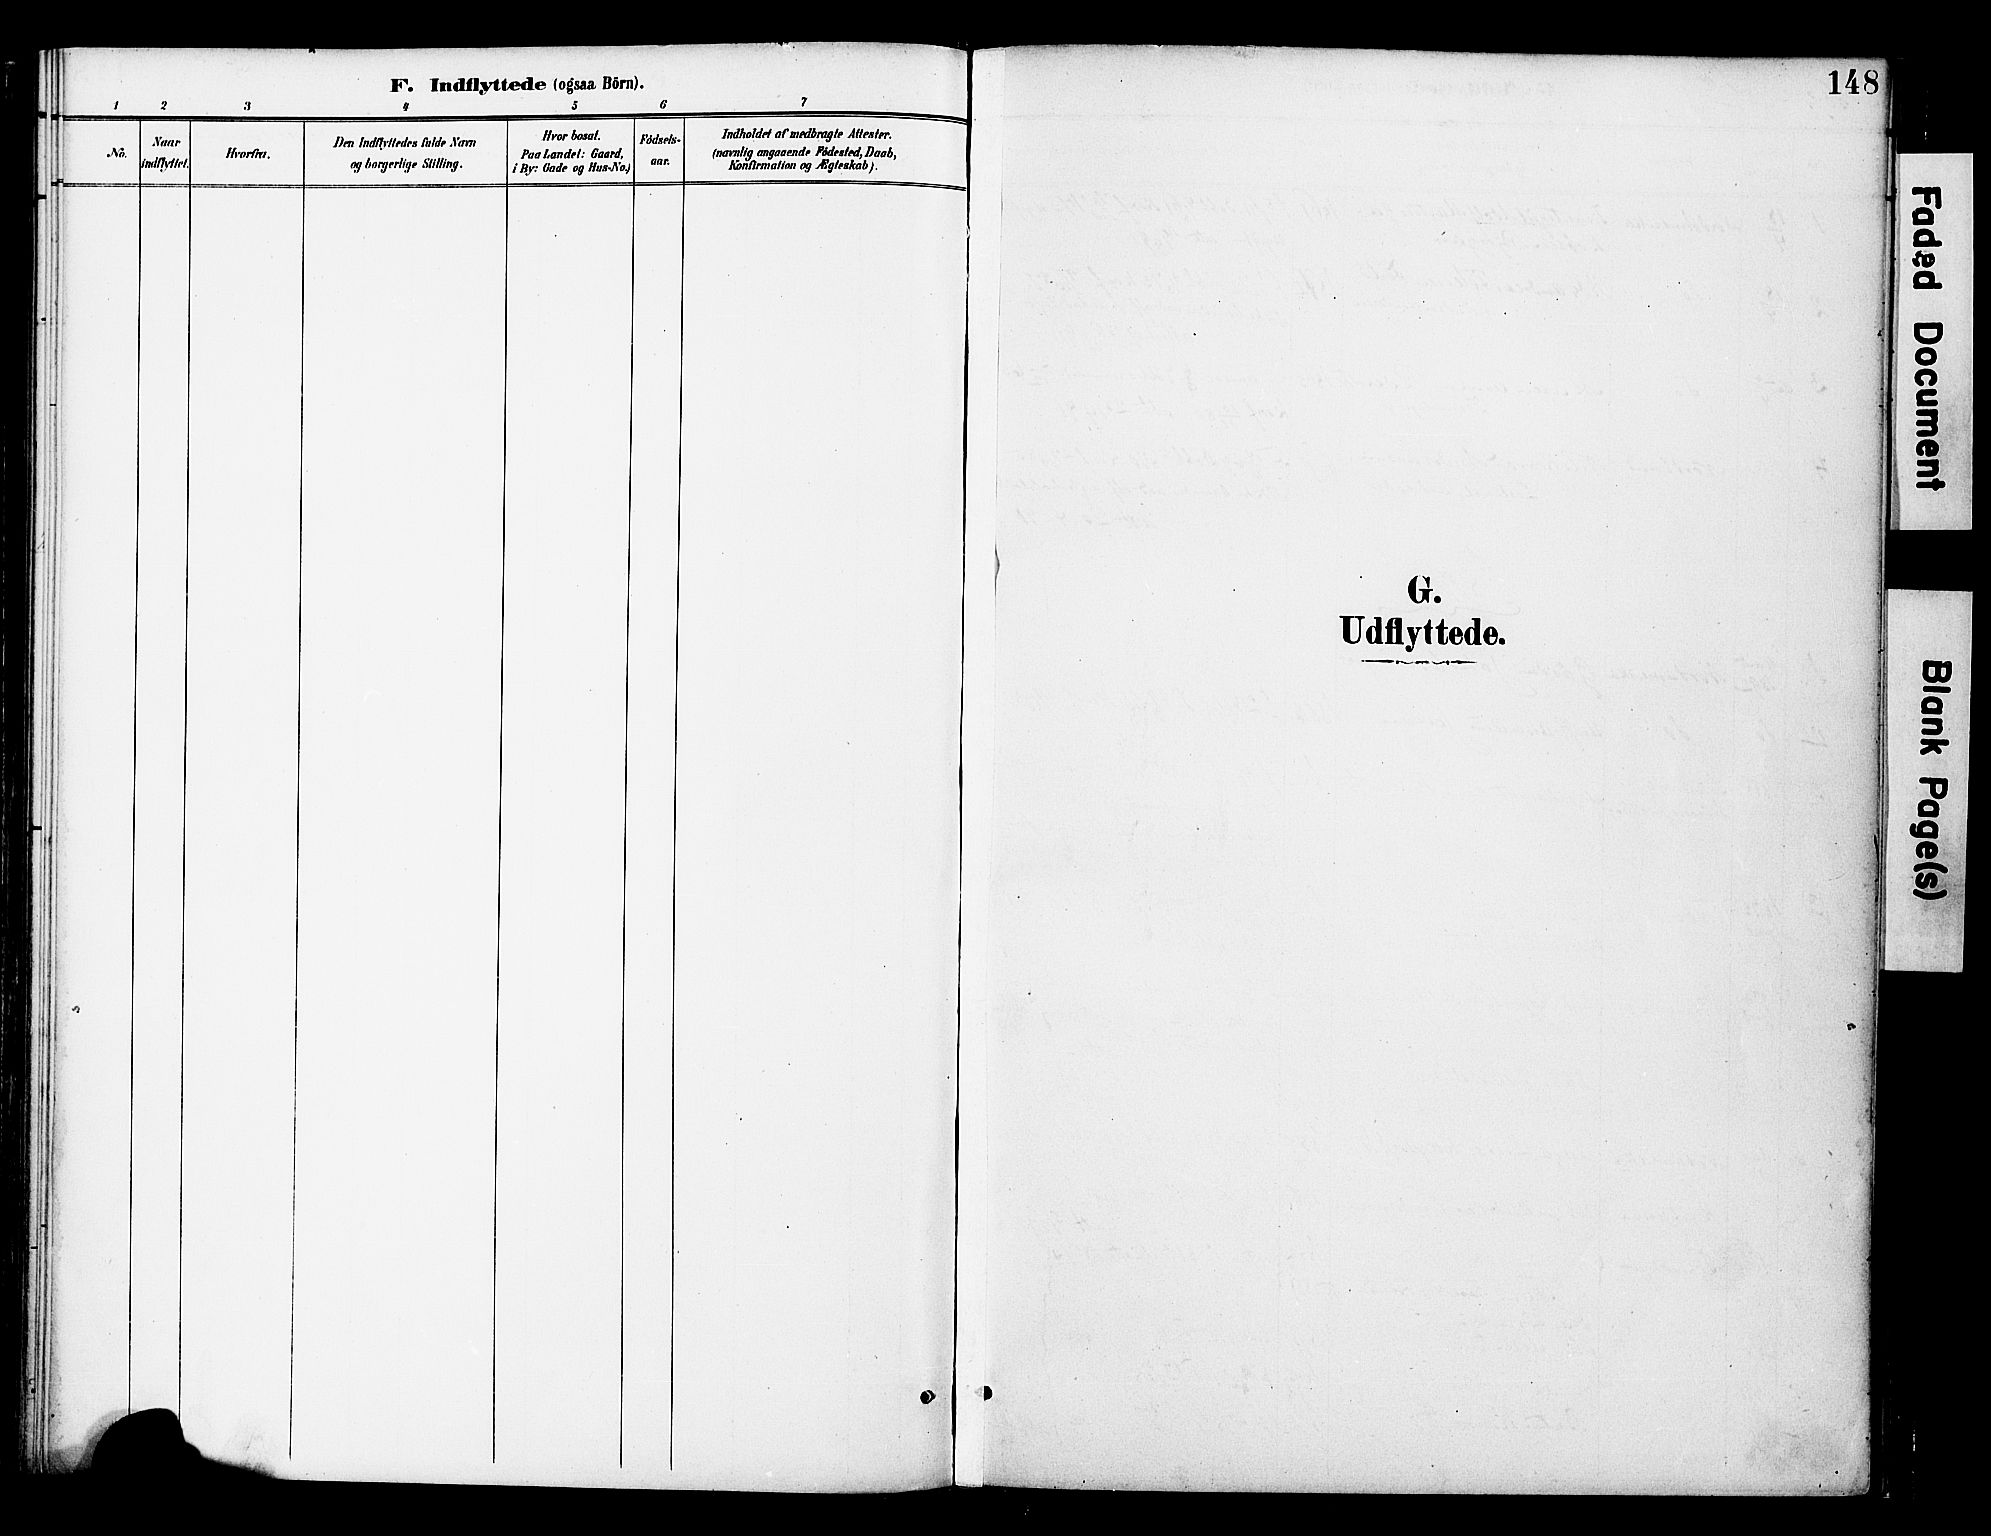 SAT, Ministerialprotokoller, klokkerbøker og fødselsregistre - Nord-Trøndelag, 742/L0409: Ministerialbok nr. 742A02, 1891-1905, s. 148